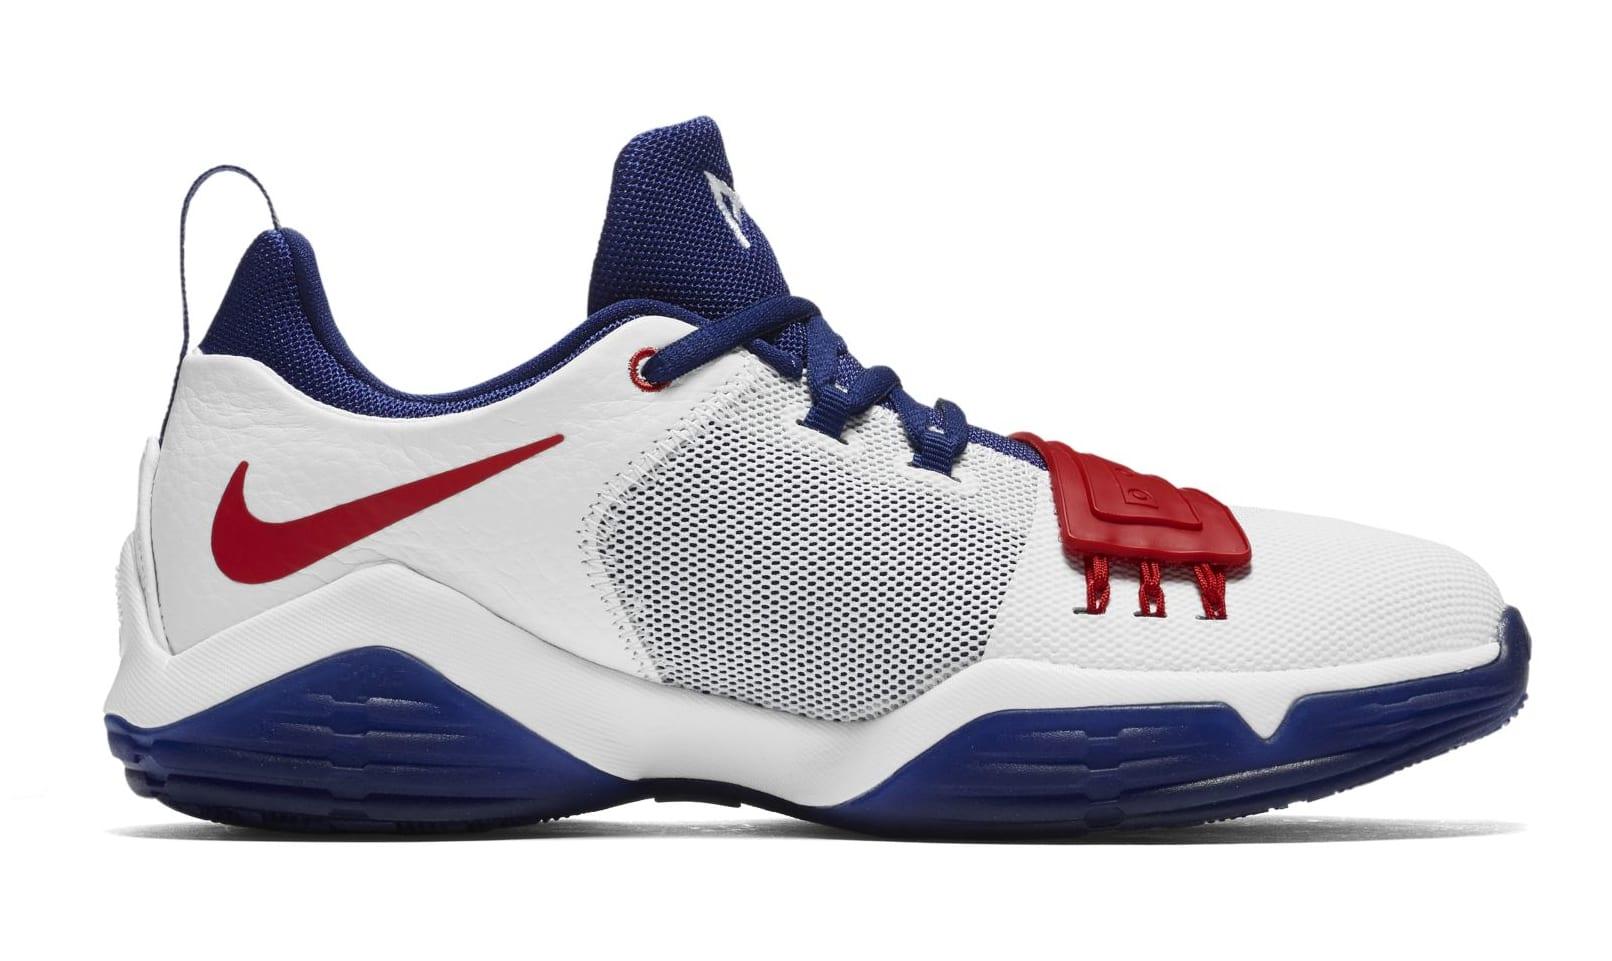 Nike PG 1 GS White/University Red-Deep Royal Blue (Medial)